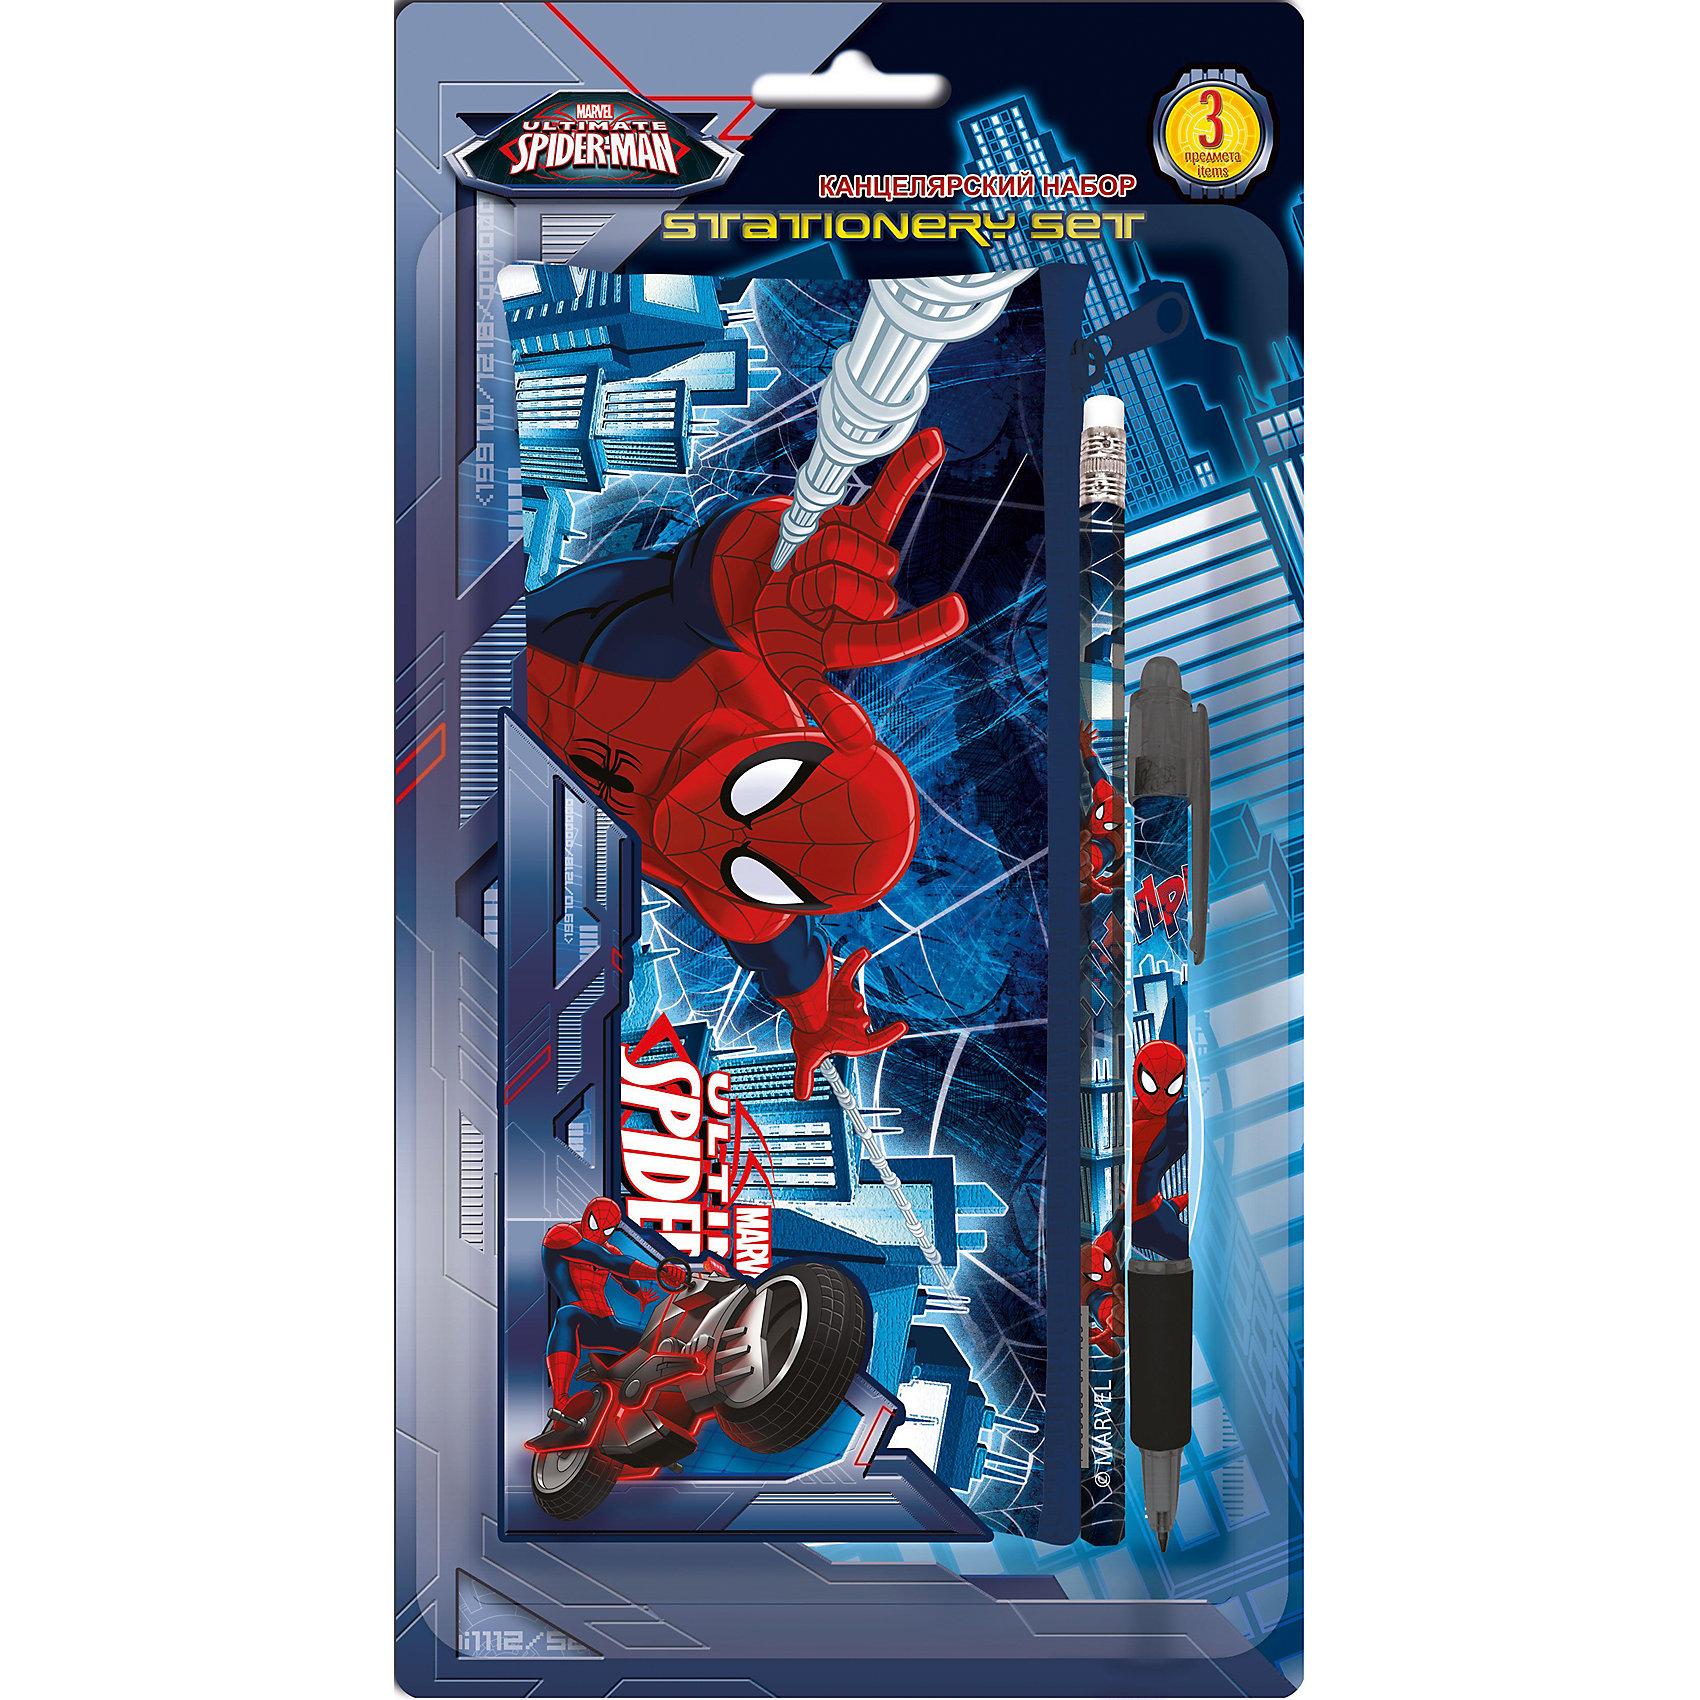 Академия групп Канцелярский набор Человек-Паук (3 предмета) академия групп набор канцелярский в подарочной коробке человек паук